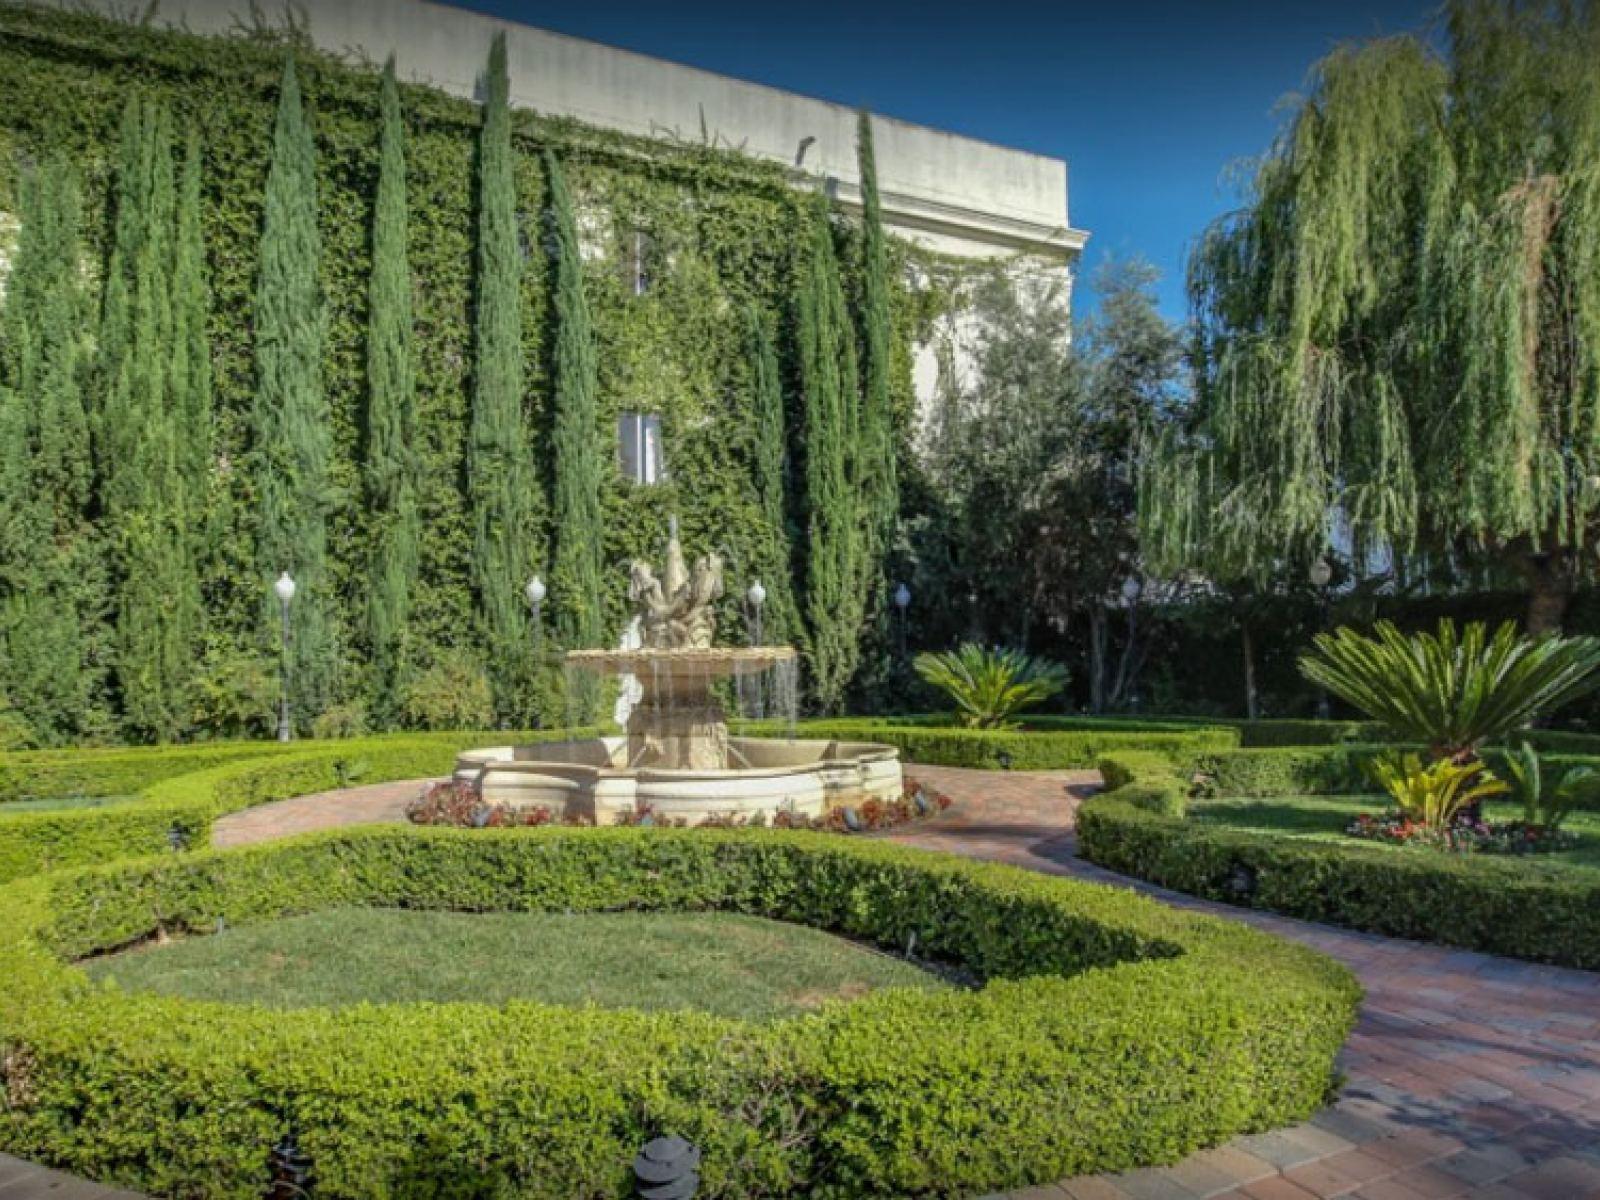 Top 10 Outdoor Venues In Los Angeles Discover Los Angeles